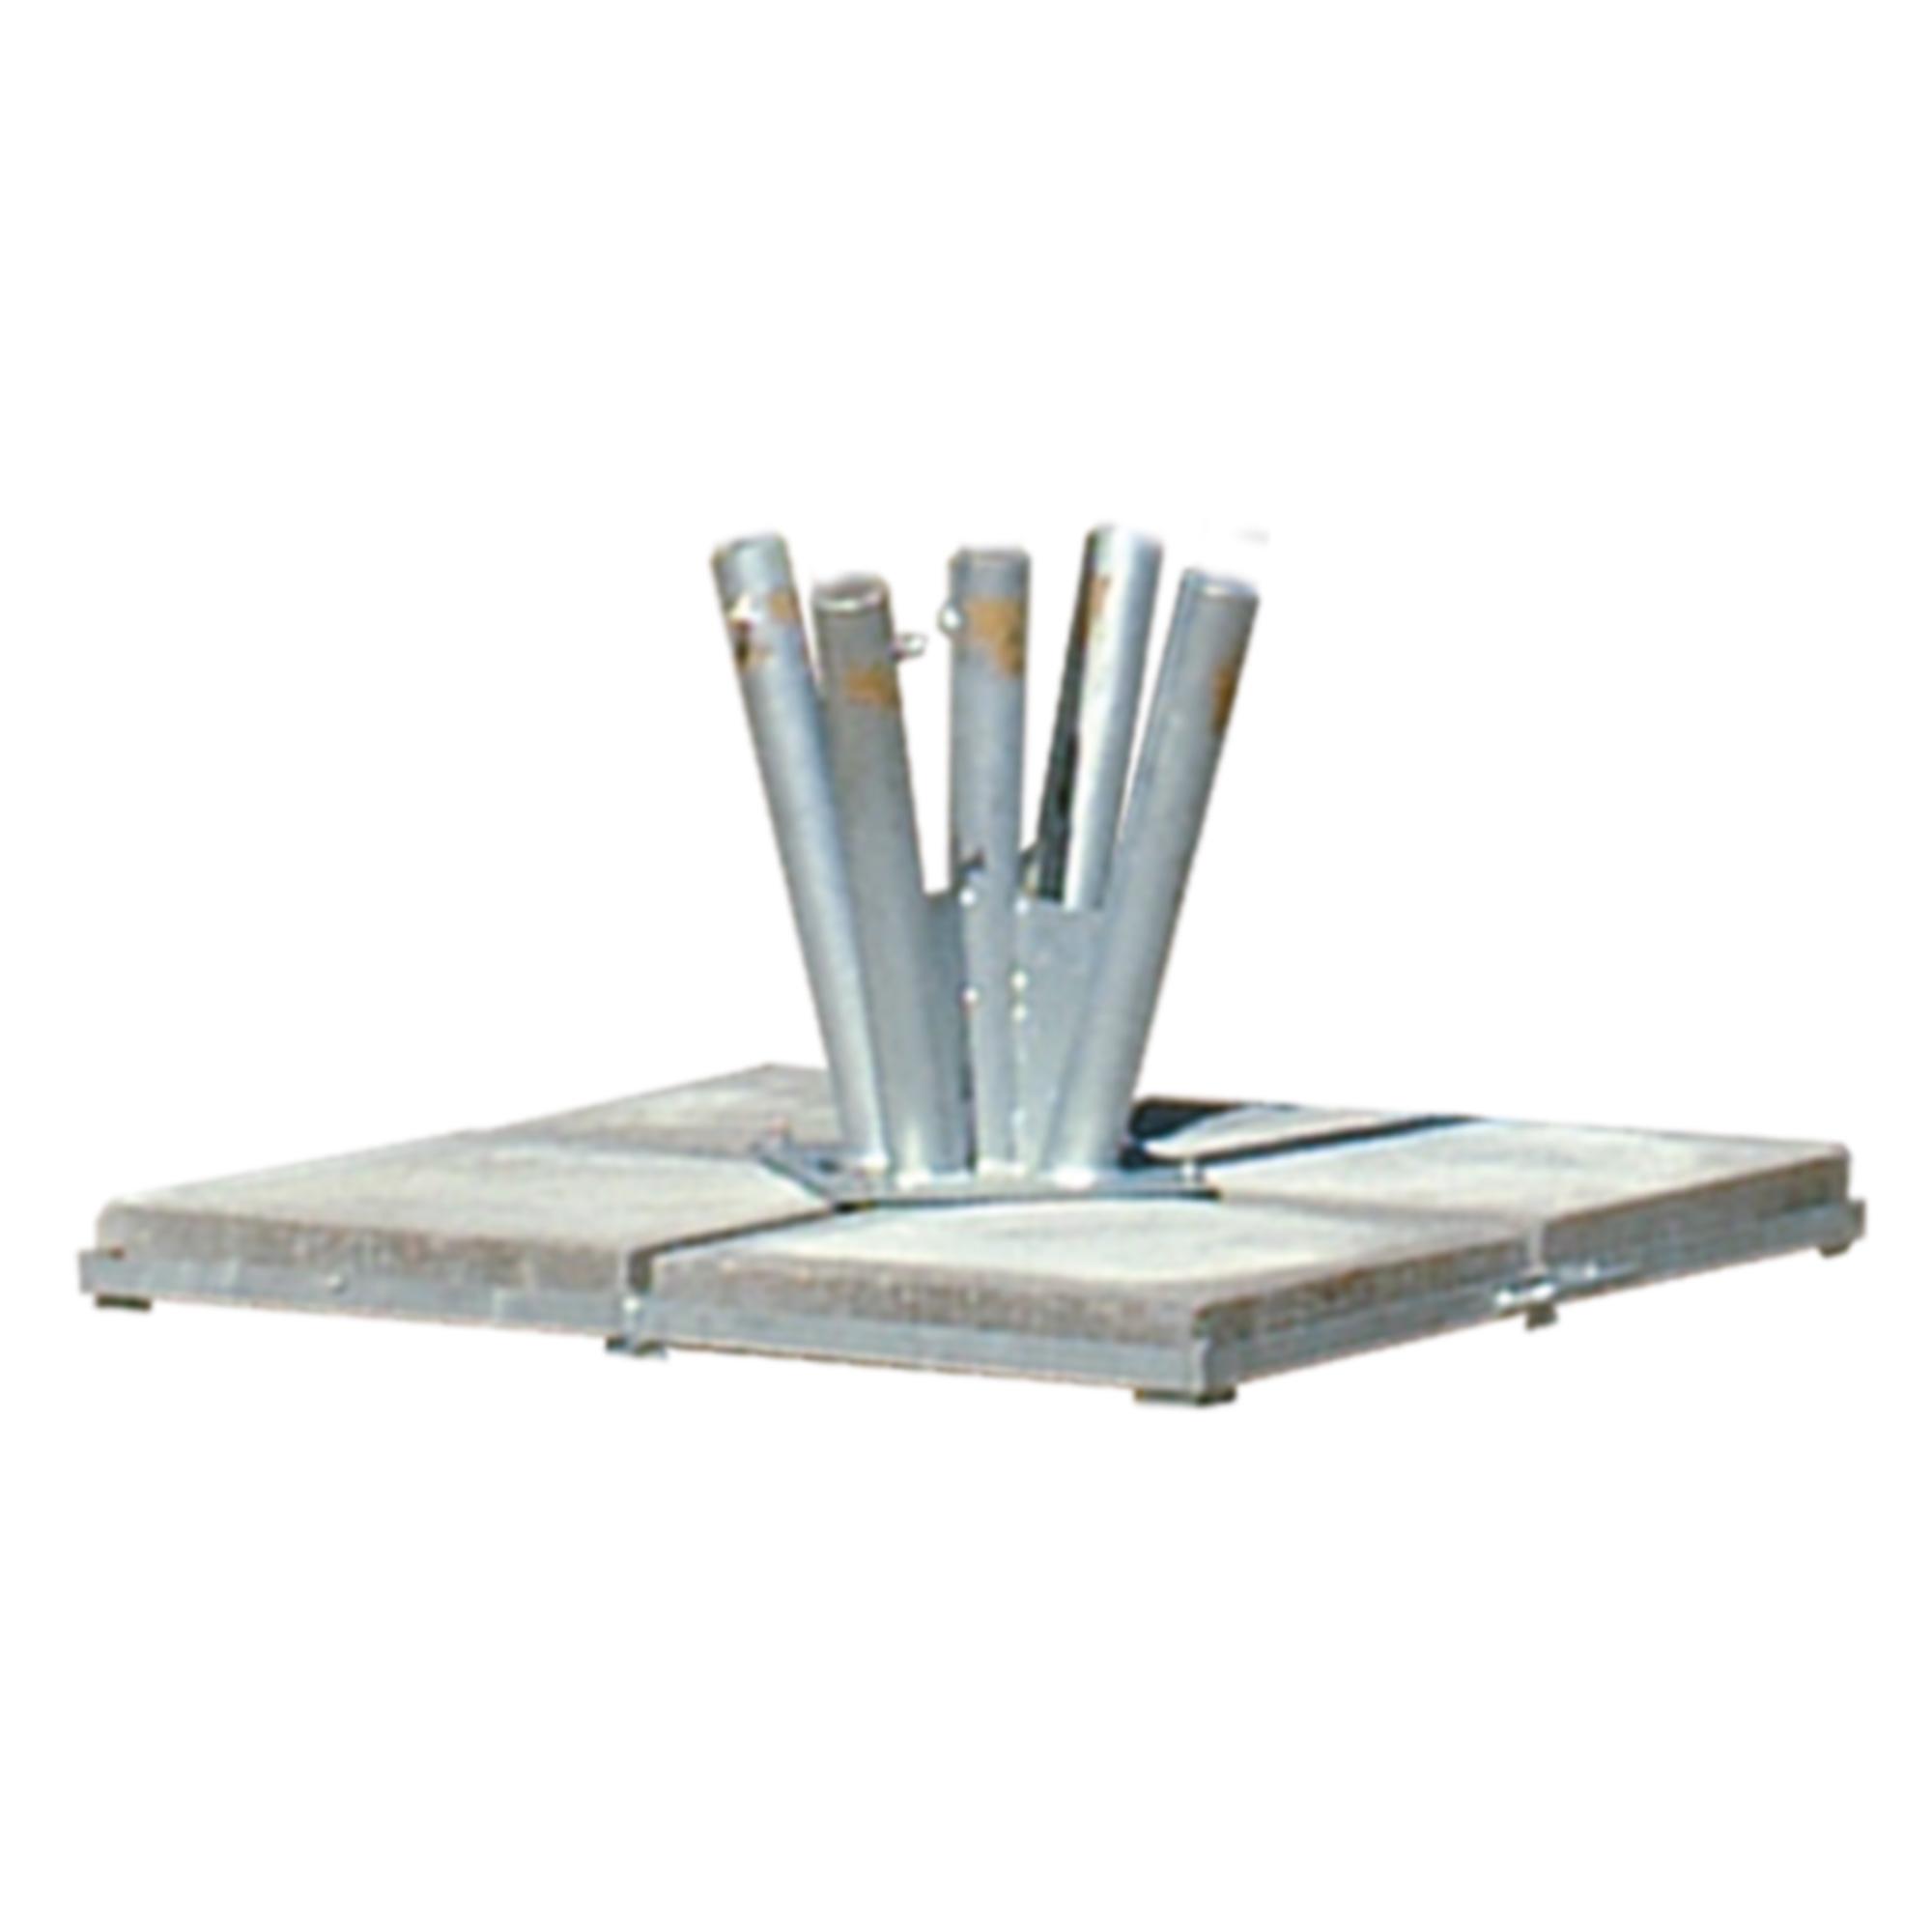 Standfuß für 5 Maste bis 50 mm Durchmesser